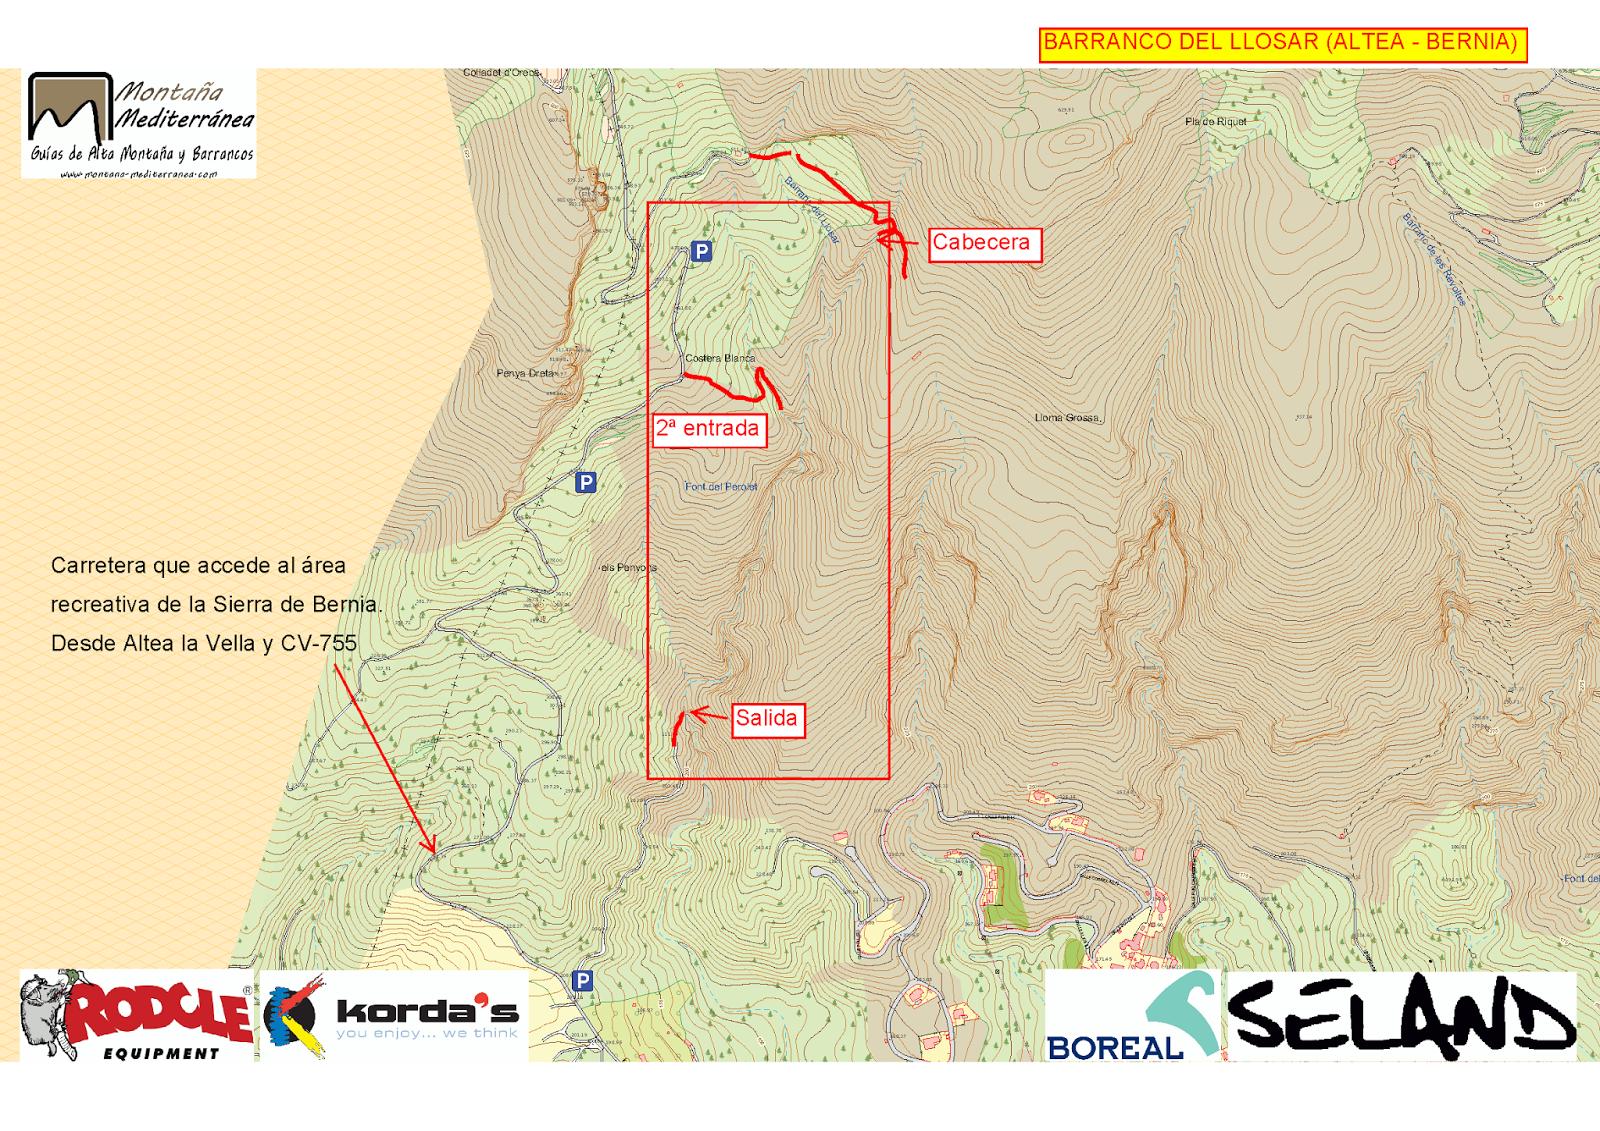 Mapa de acceso al barranco del Llosar (Serra de Bernia)